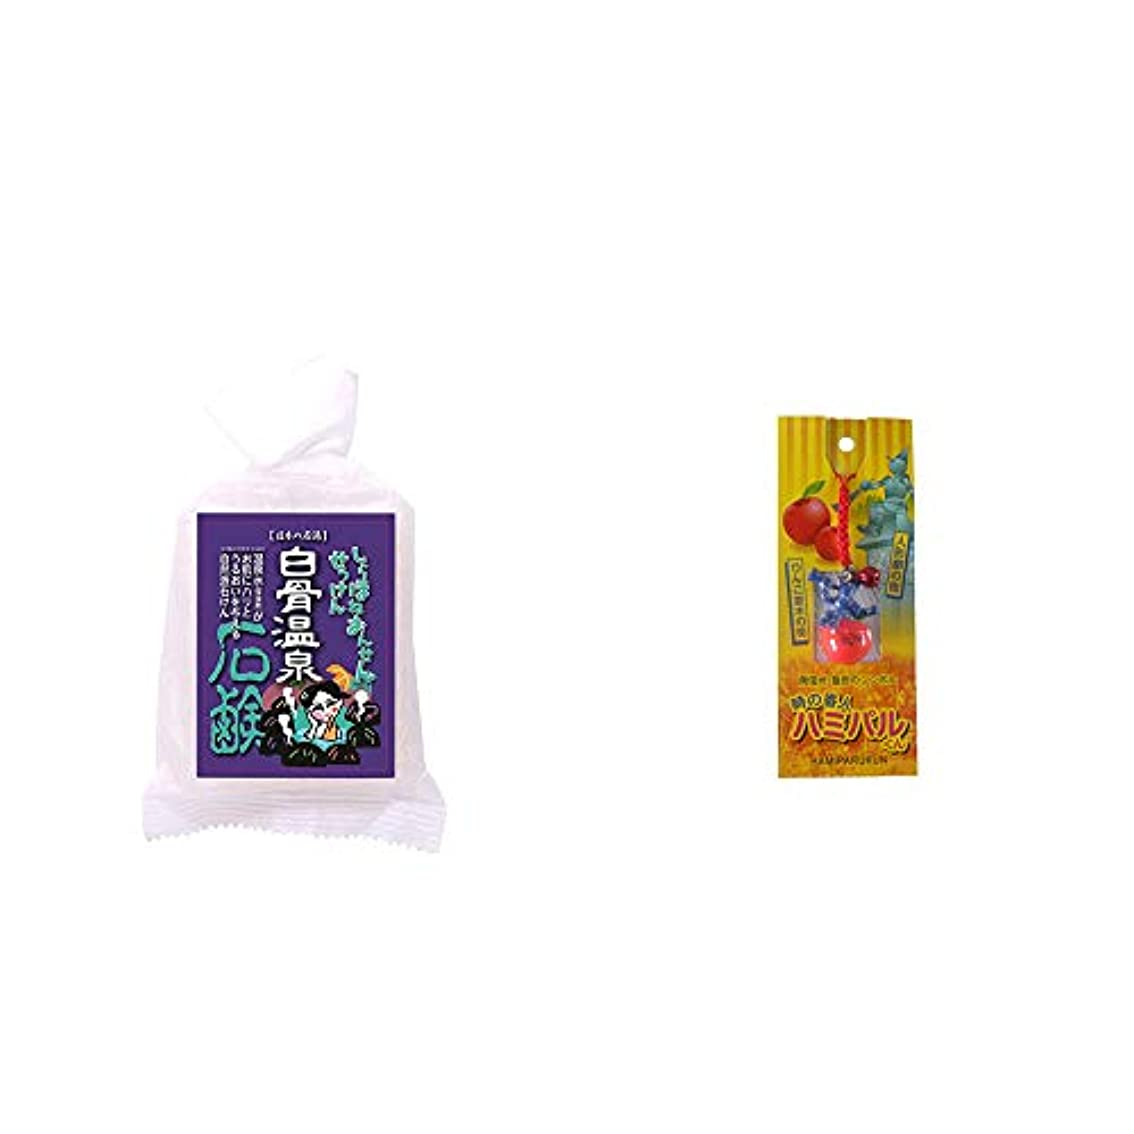 計り知れない褒賞カップ[2点セット] 信州 白骨温泉石鹸(80g)?信州?飯田のシンボル 時の番人ハミパルくんストラップ